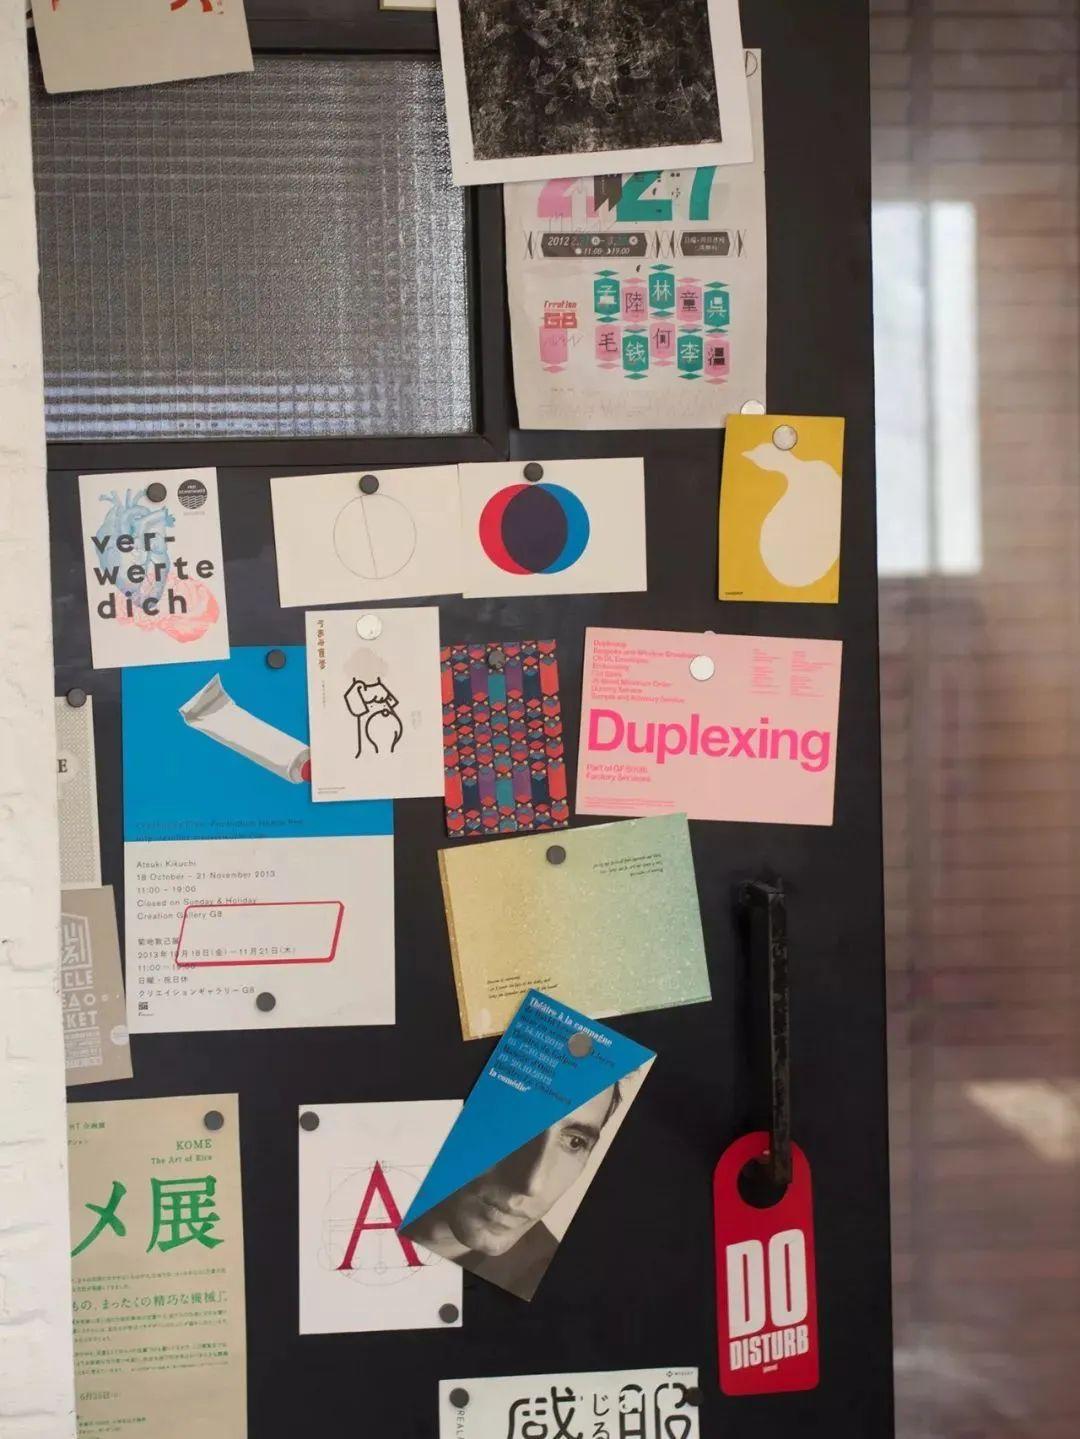 西安印务隐藏在你身边的小众印刷工作室 西安装修资讯 丰雄广告第46张